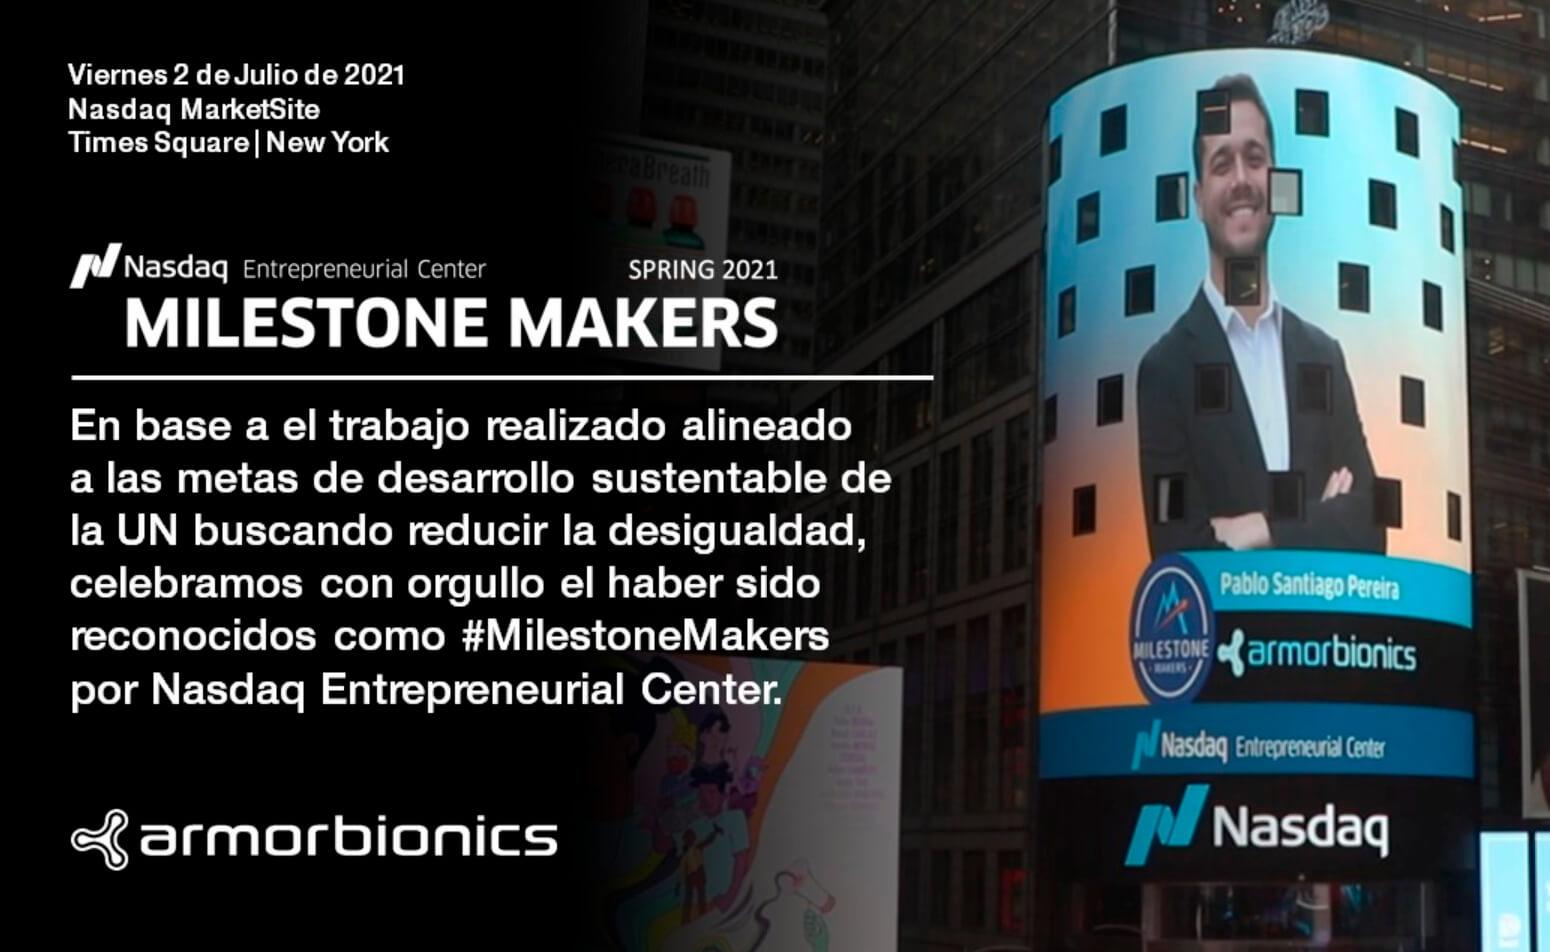 Pablo Pereira, cofundador de Armor Bionics, se graduó el centro de emprendedores de Nasdaq